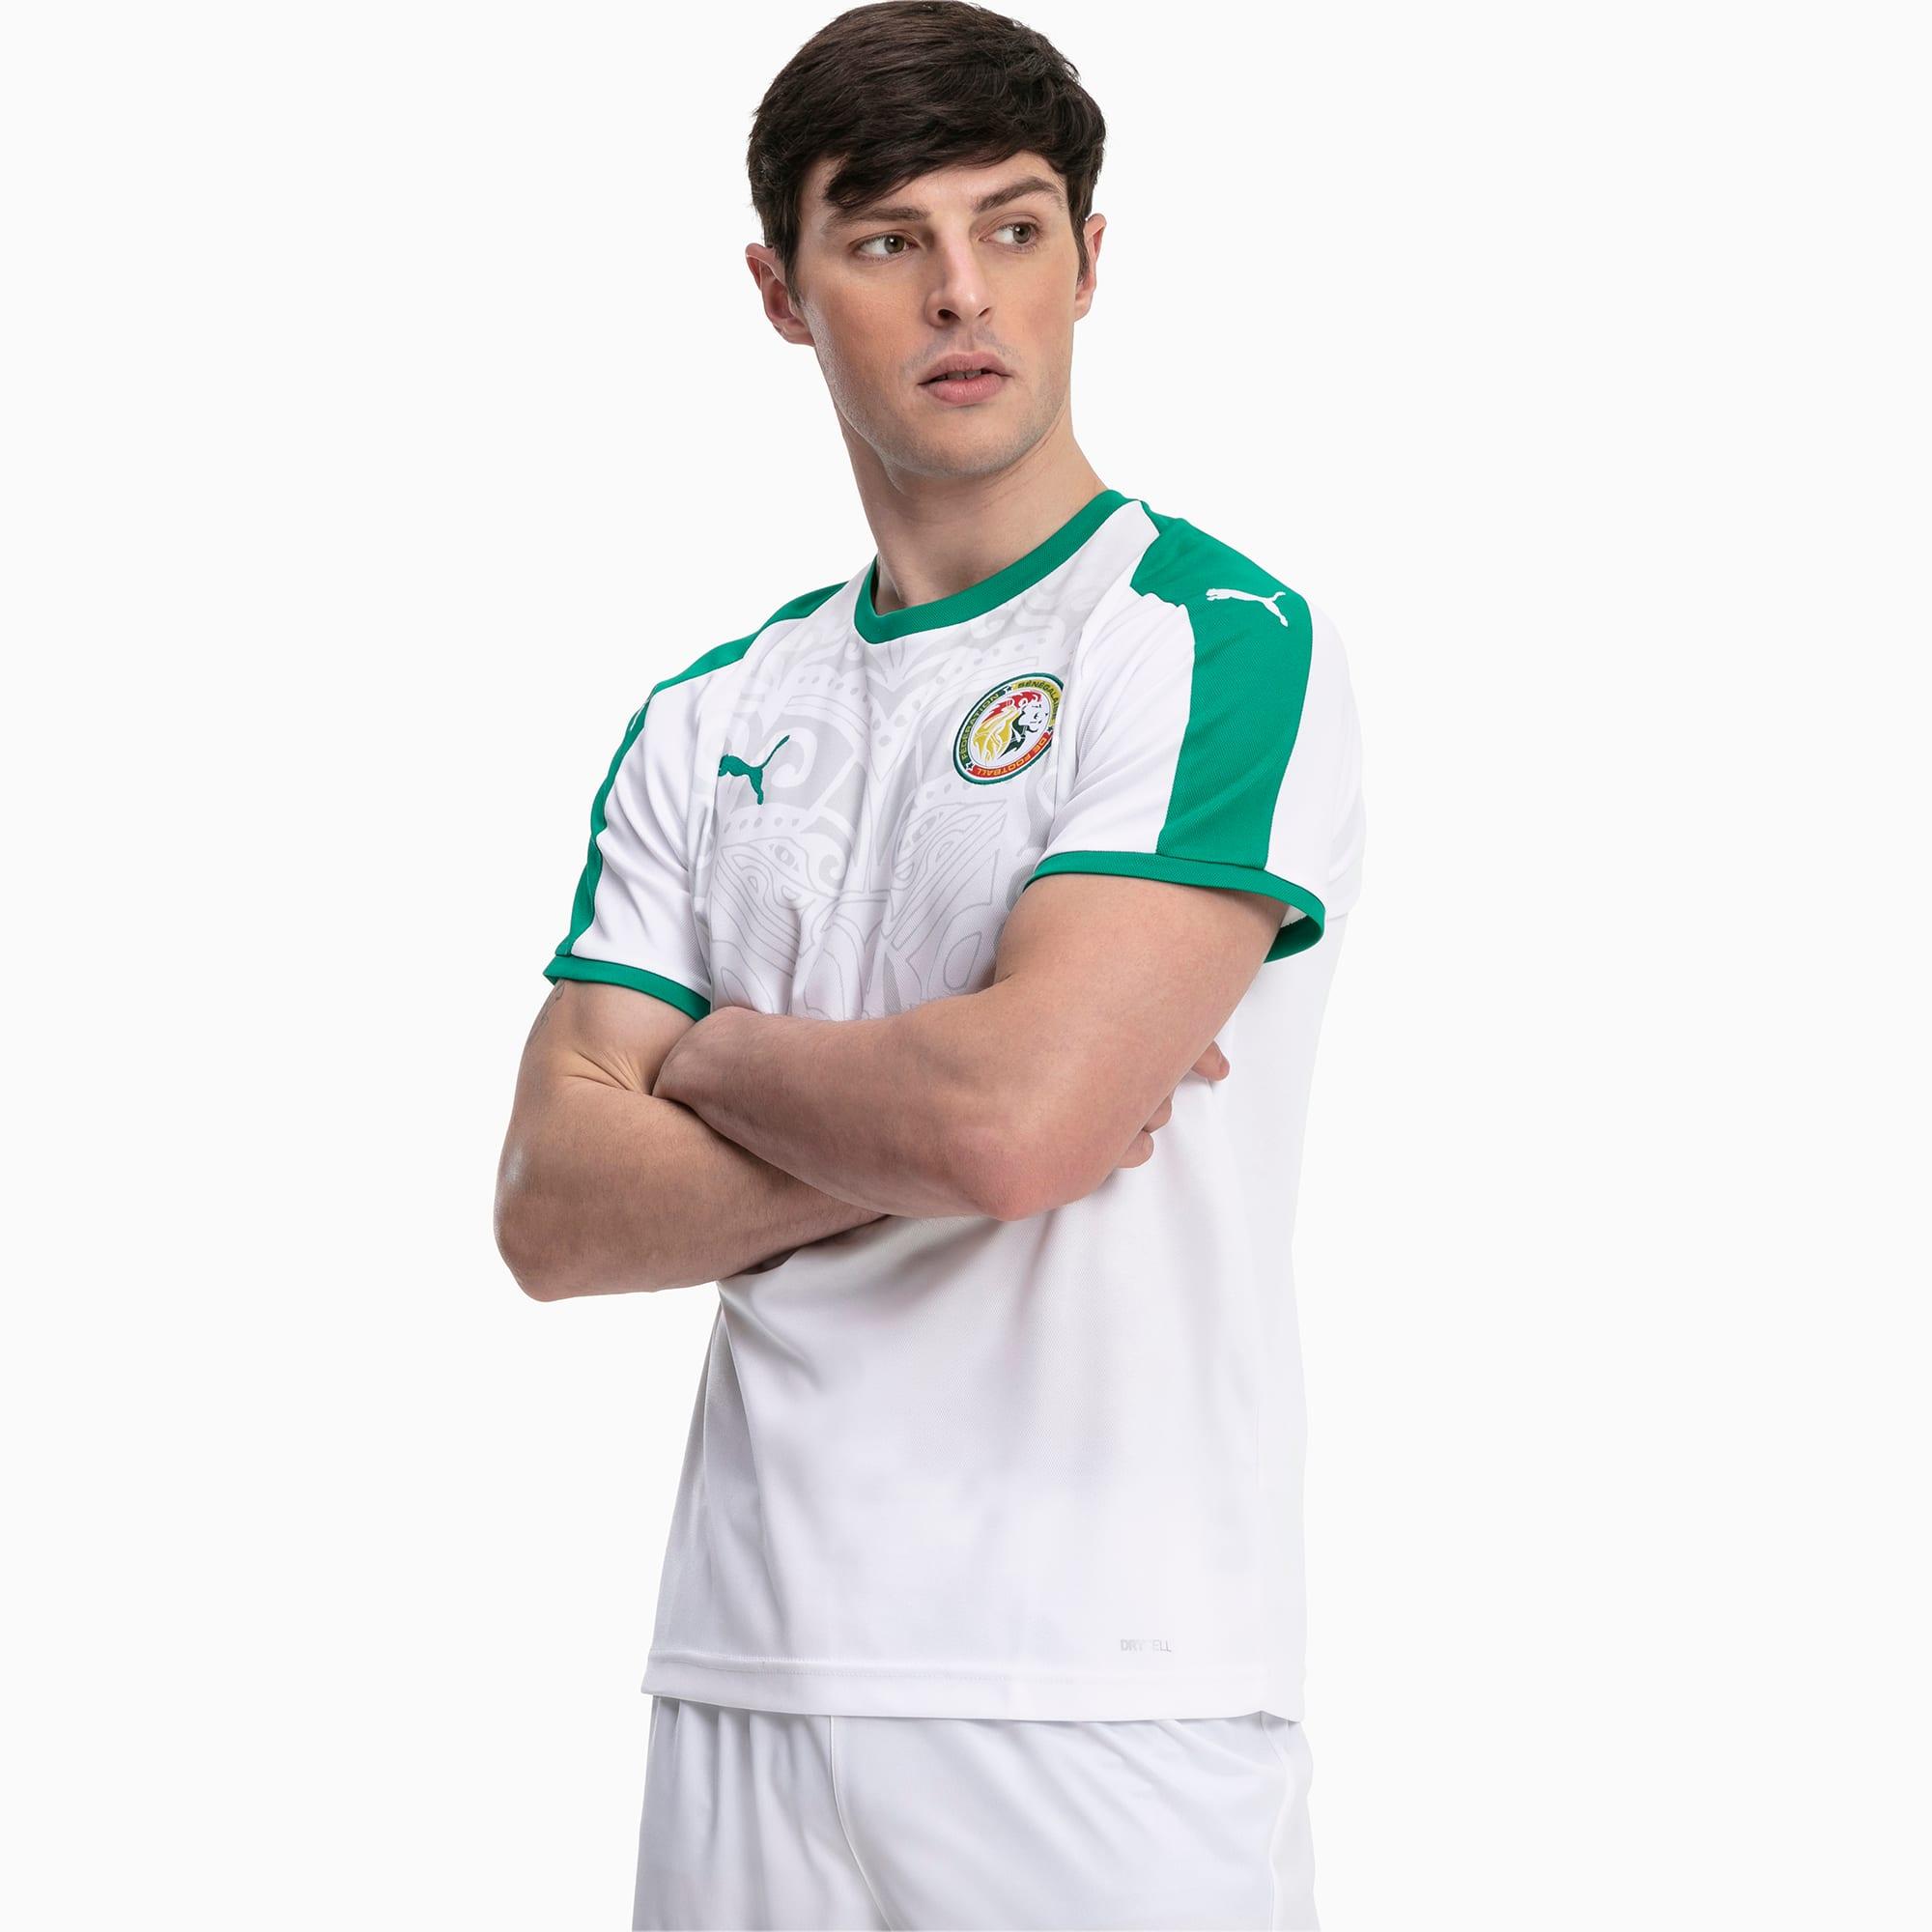 maillot domicile senegal replica pour homme, blanc/vert, taille xxl, vêtements